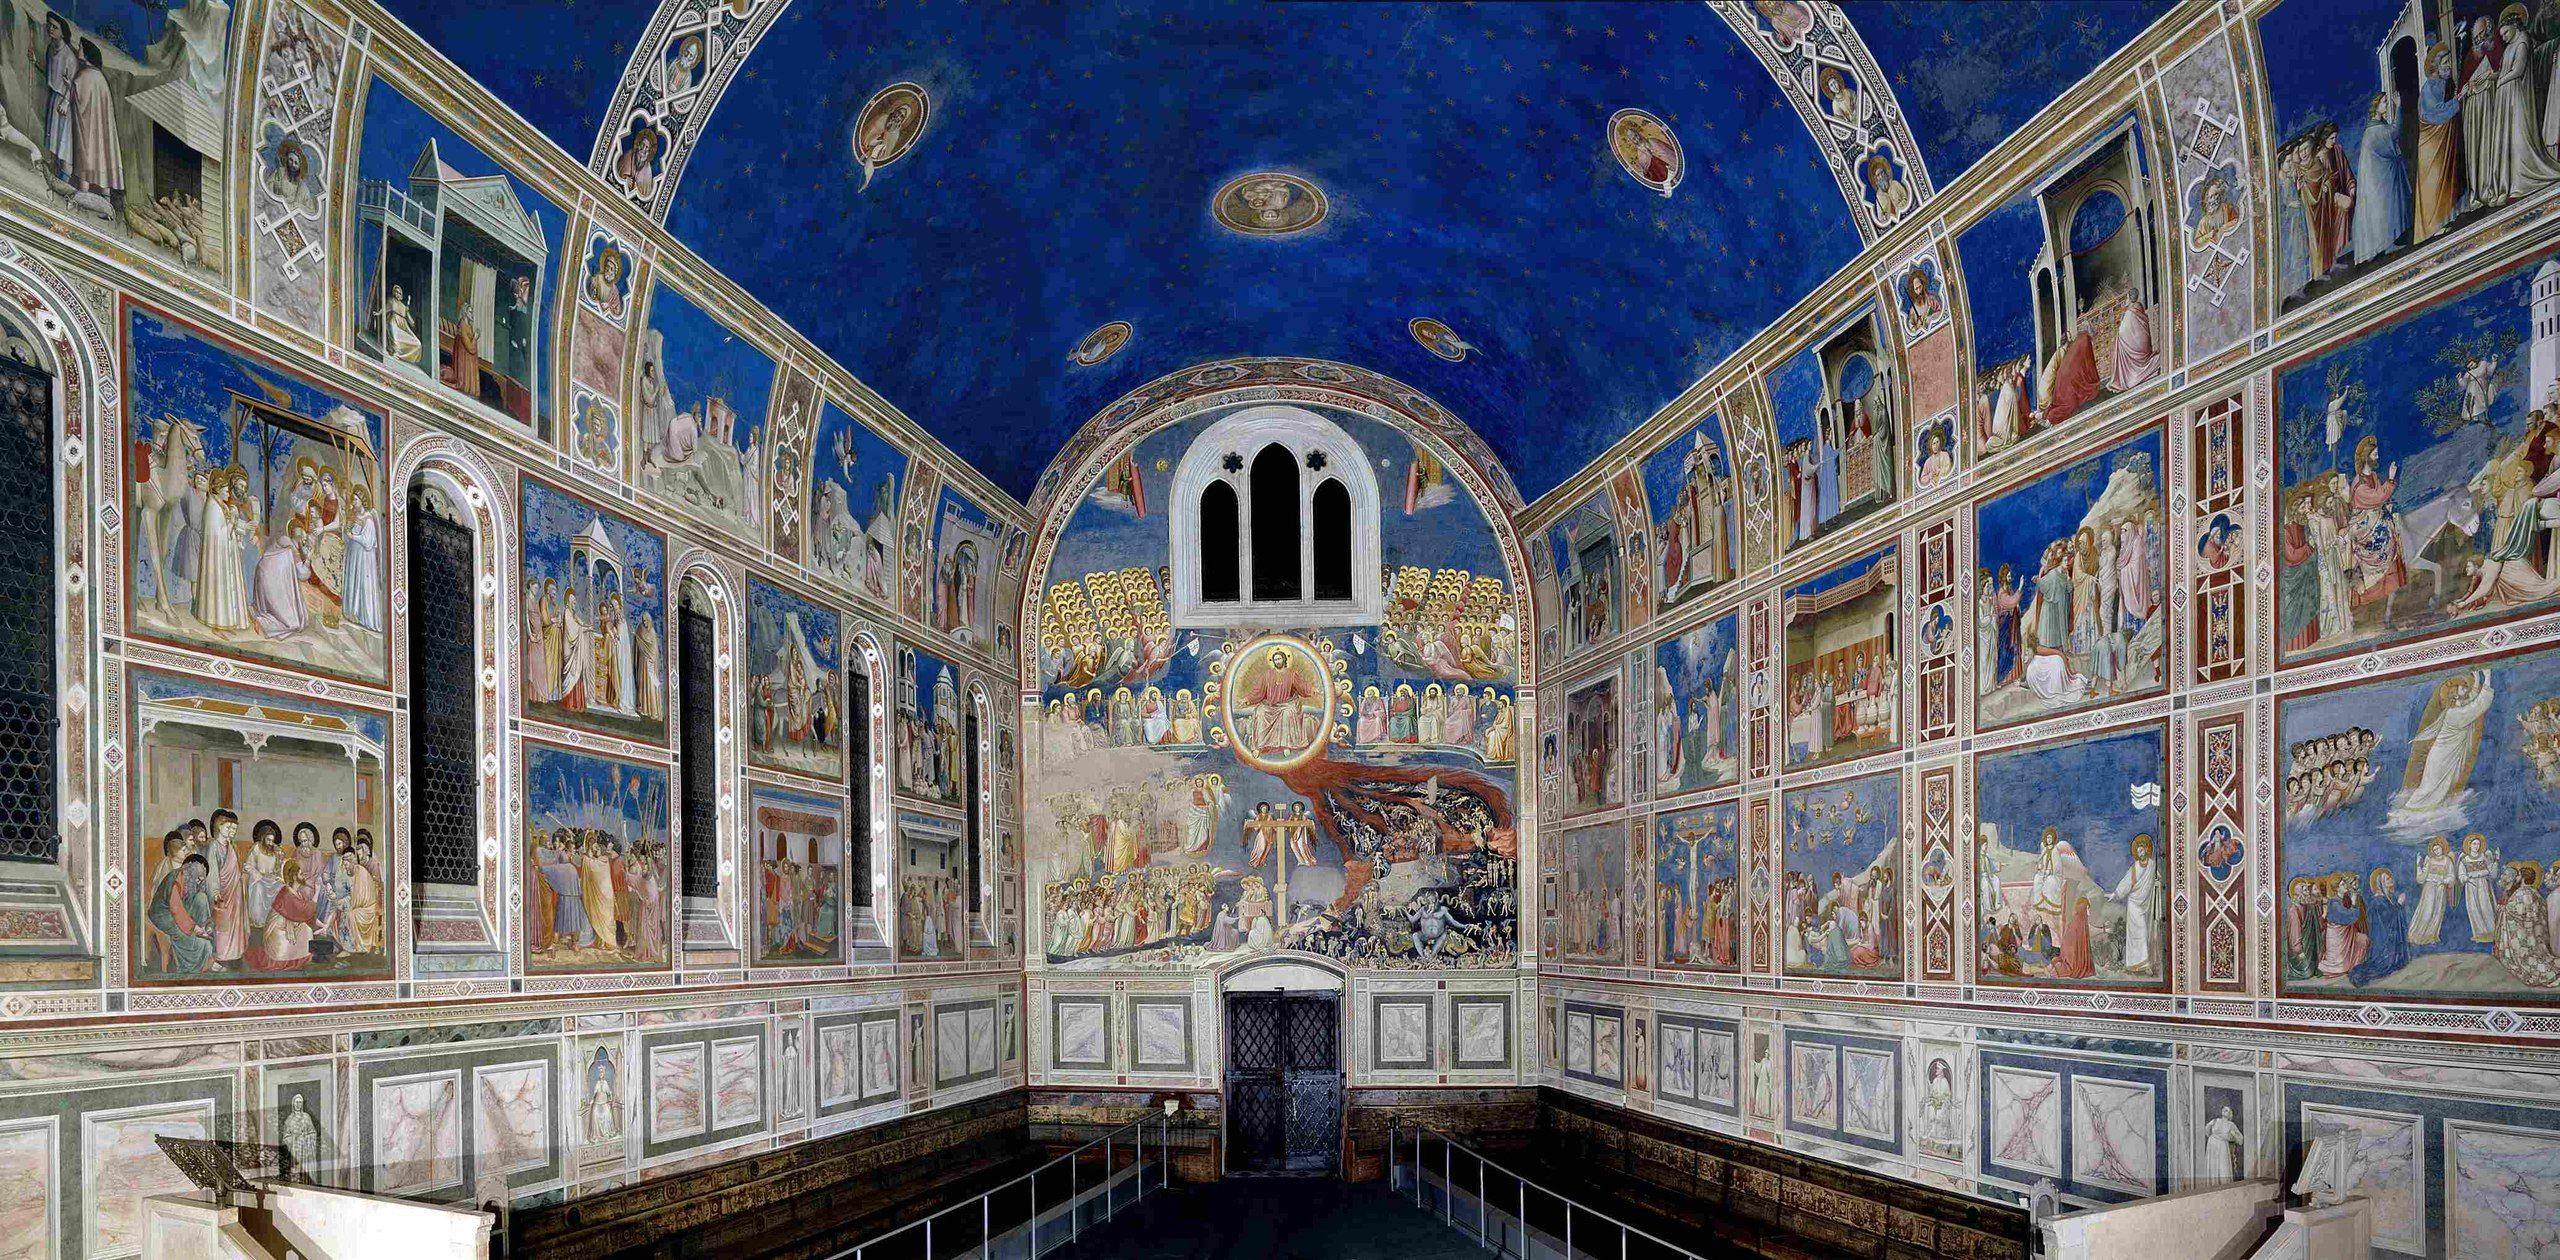 Giotto di Bondone   The Scrovegni Chapel   Padua, Italy   (1304-06)